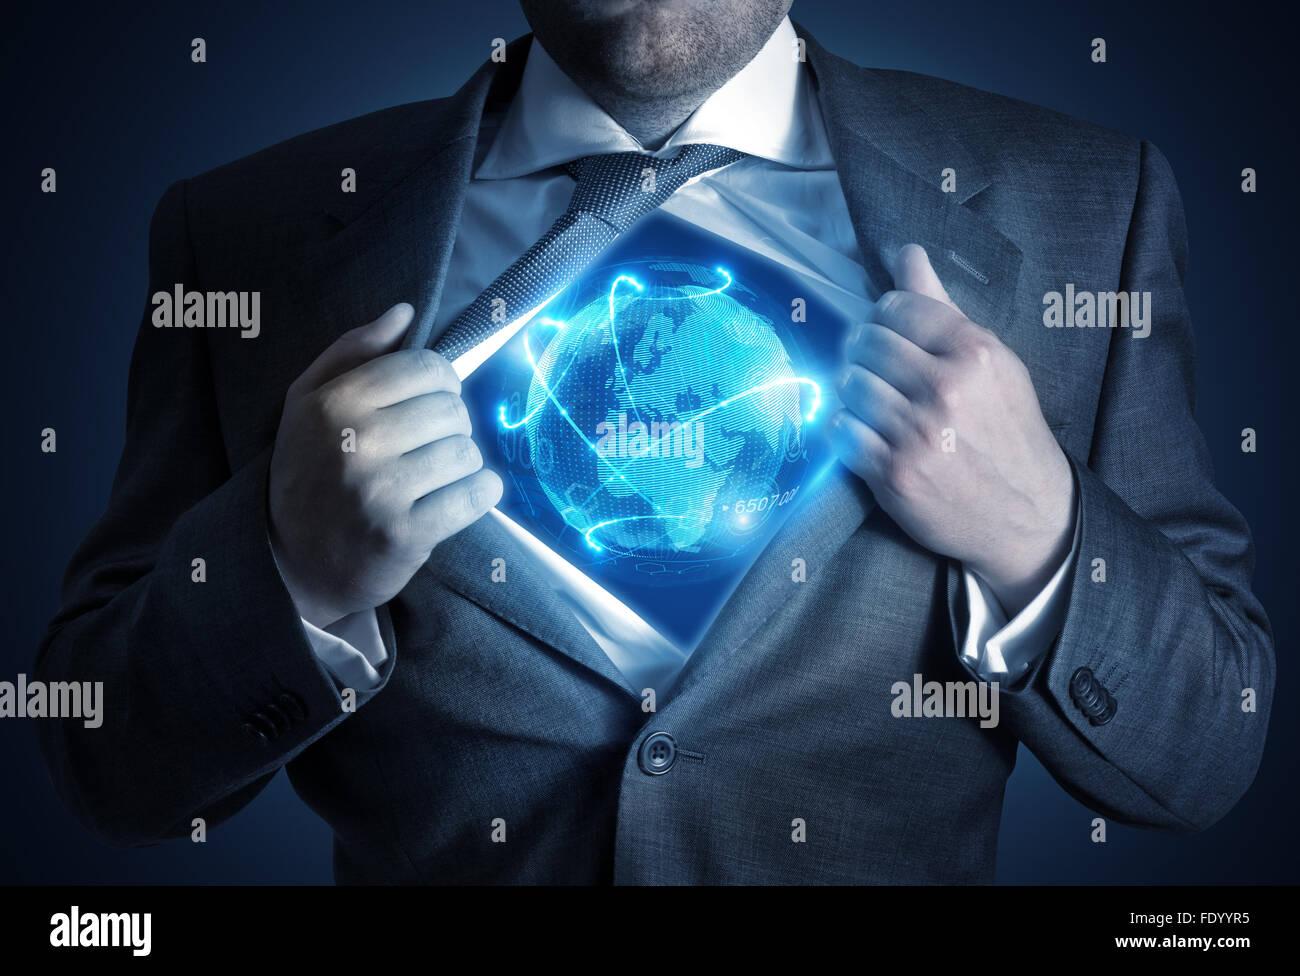 Globale Geschäftsmann. Ein Geschäftsmann, enthüllt eine vernetzte Welt. Business-Konzept Stockbild